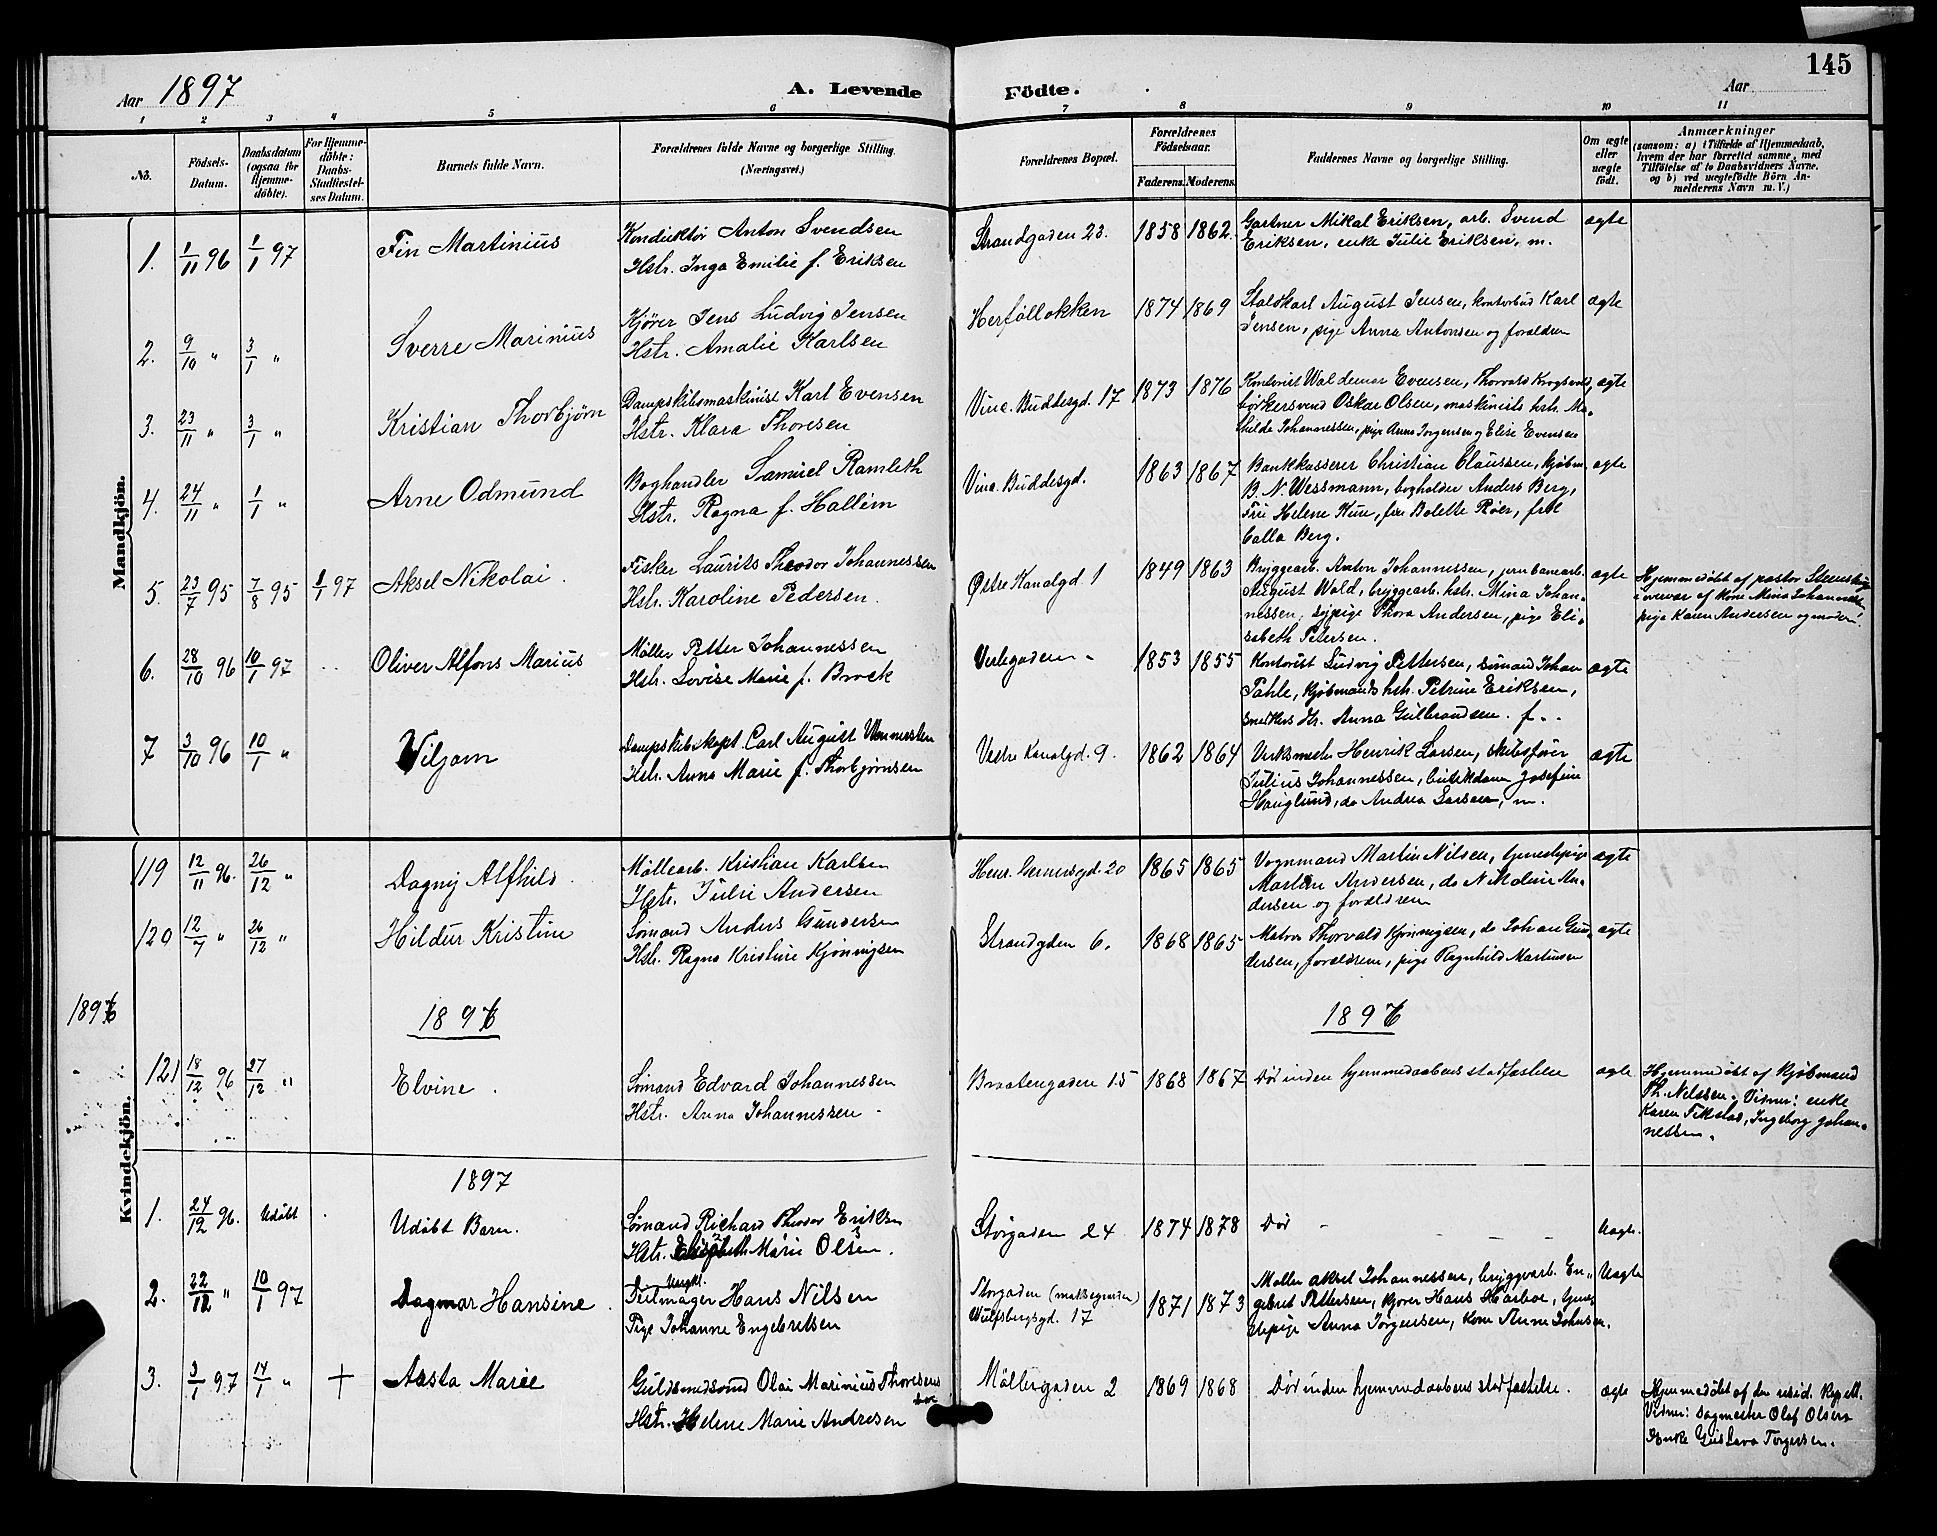 SAO, Moss prestekontor Kirkebøker, G/Ga/L0006: Klokkerbok nr. I 6, 1889-1900, s. 145